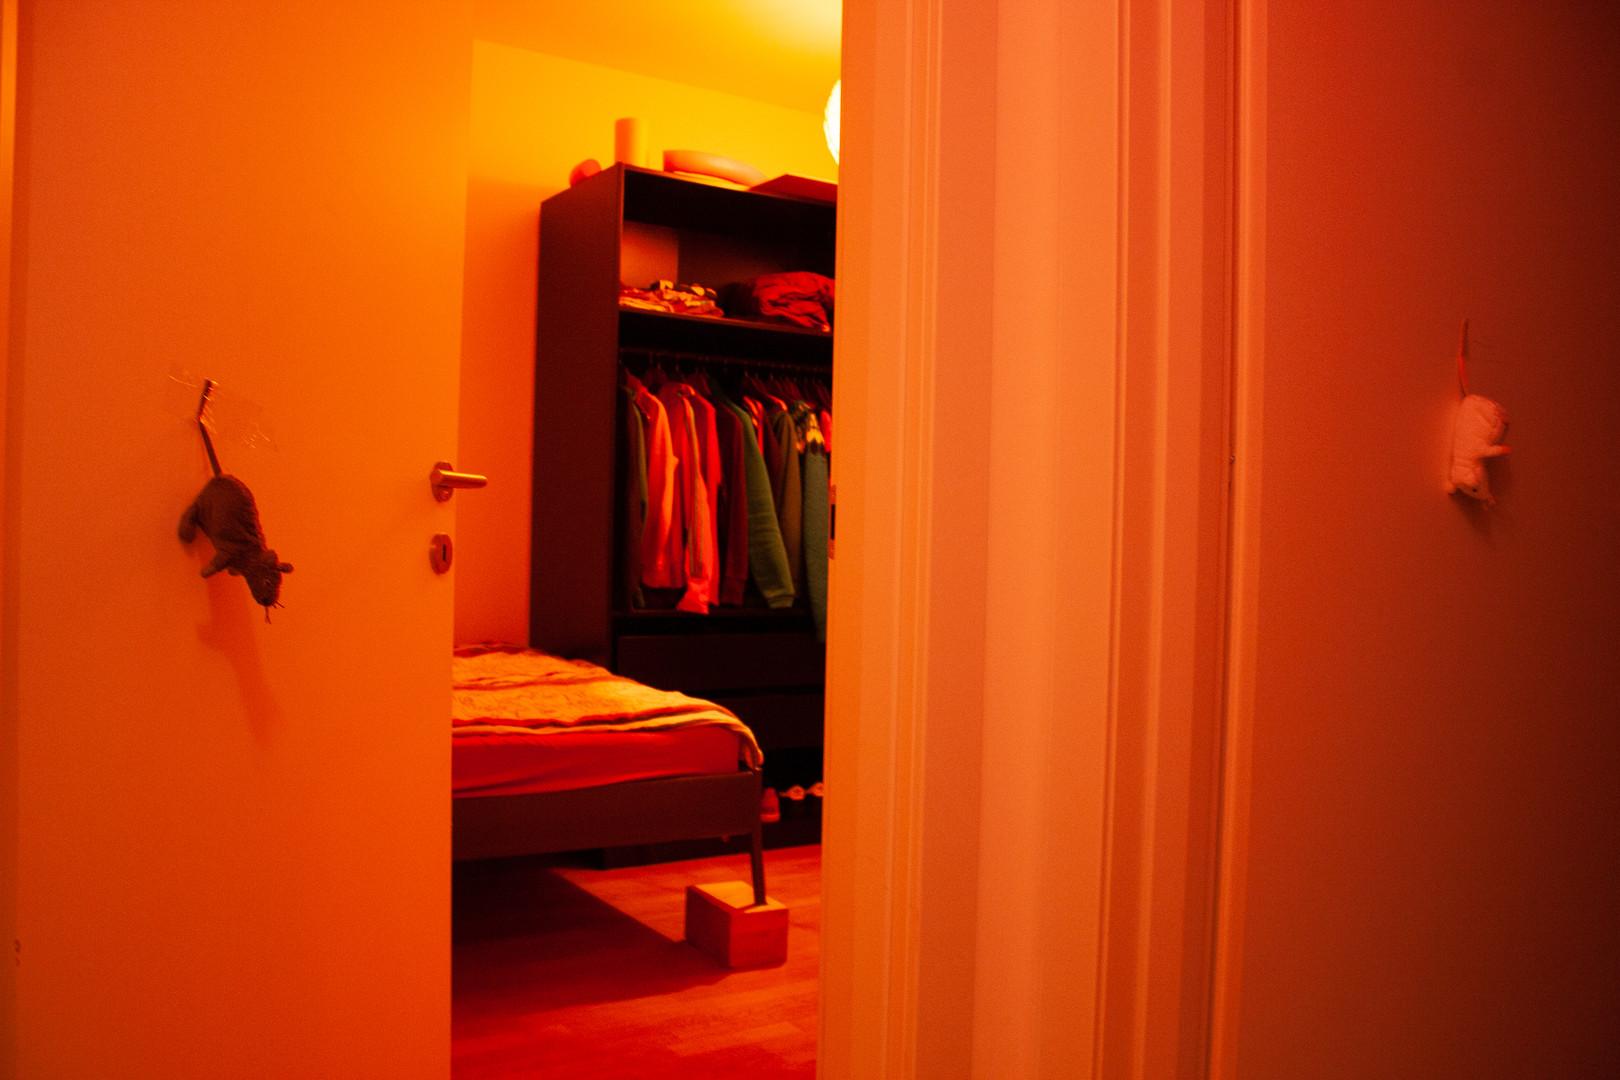 postelja ... ura je 3, priznam, malo sem že utrujena. Lahko noč!  Bed ... it's 3 am, I'll admit I'm a bit tired. Good night!